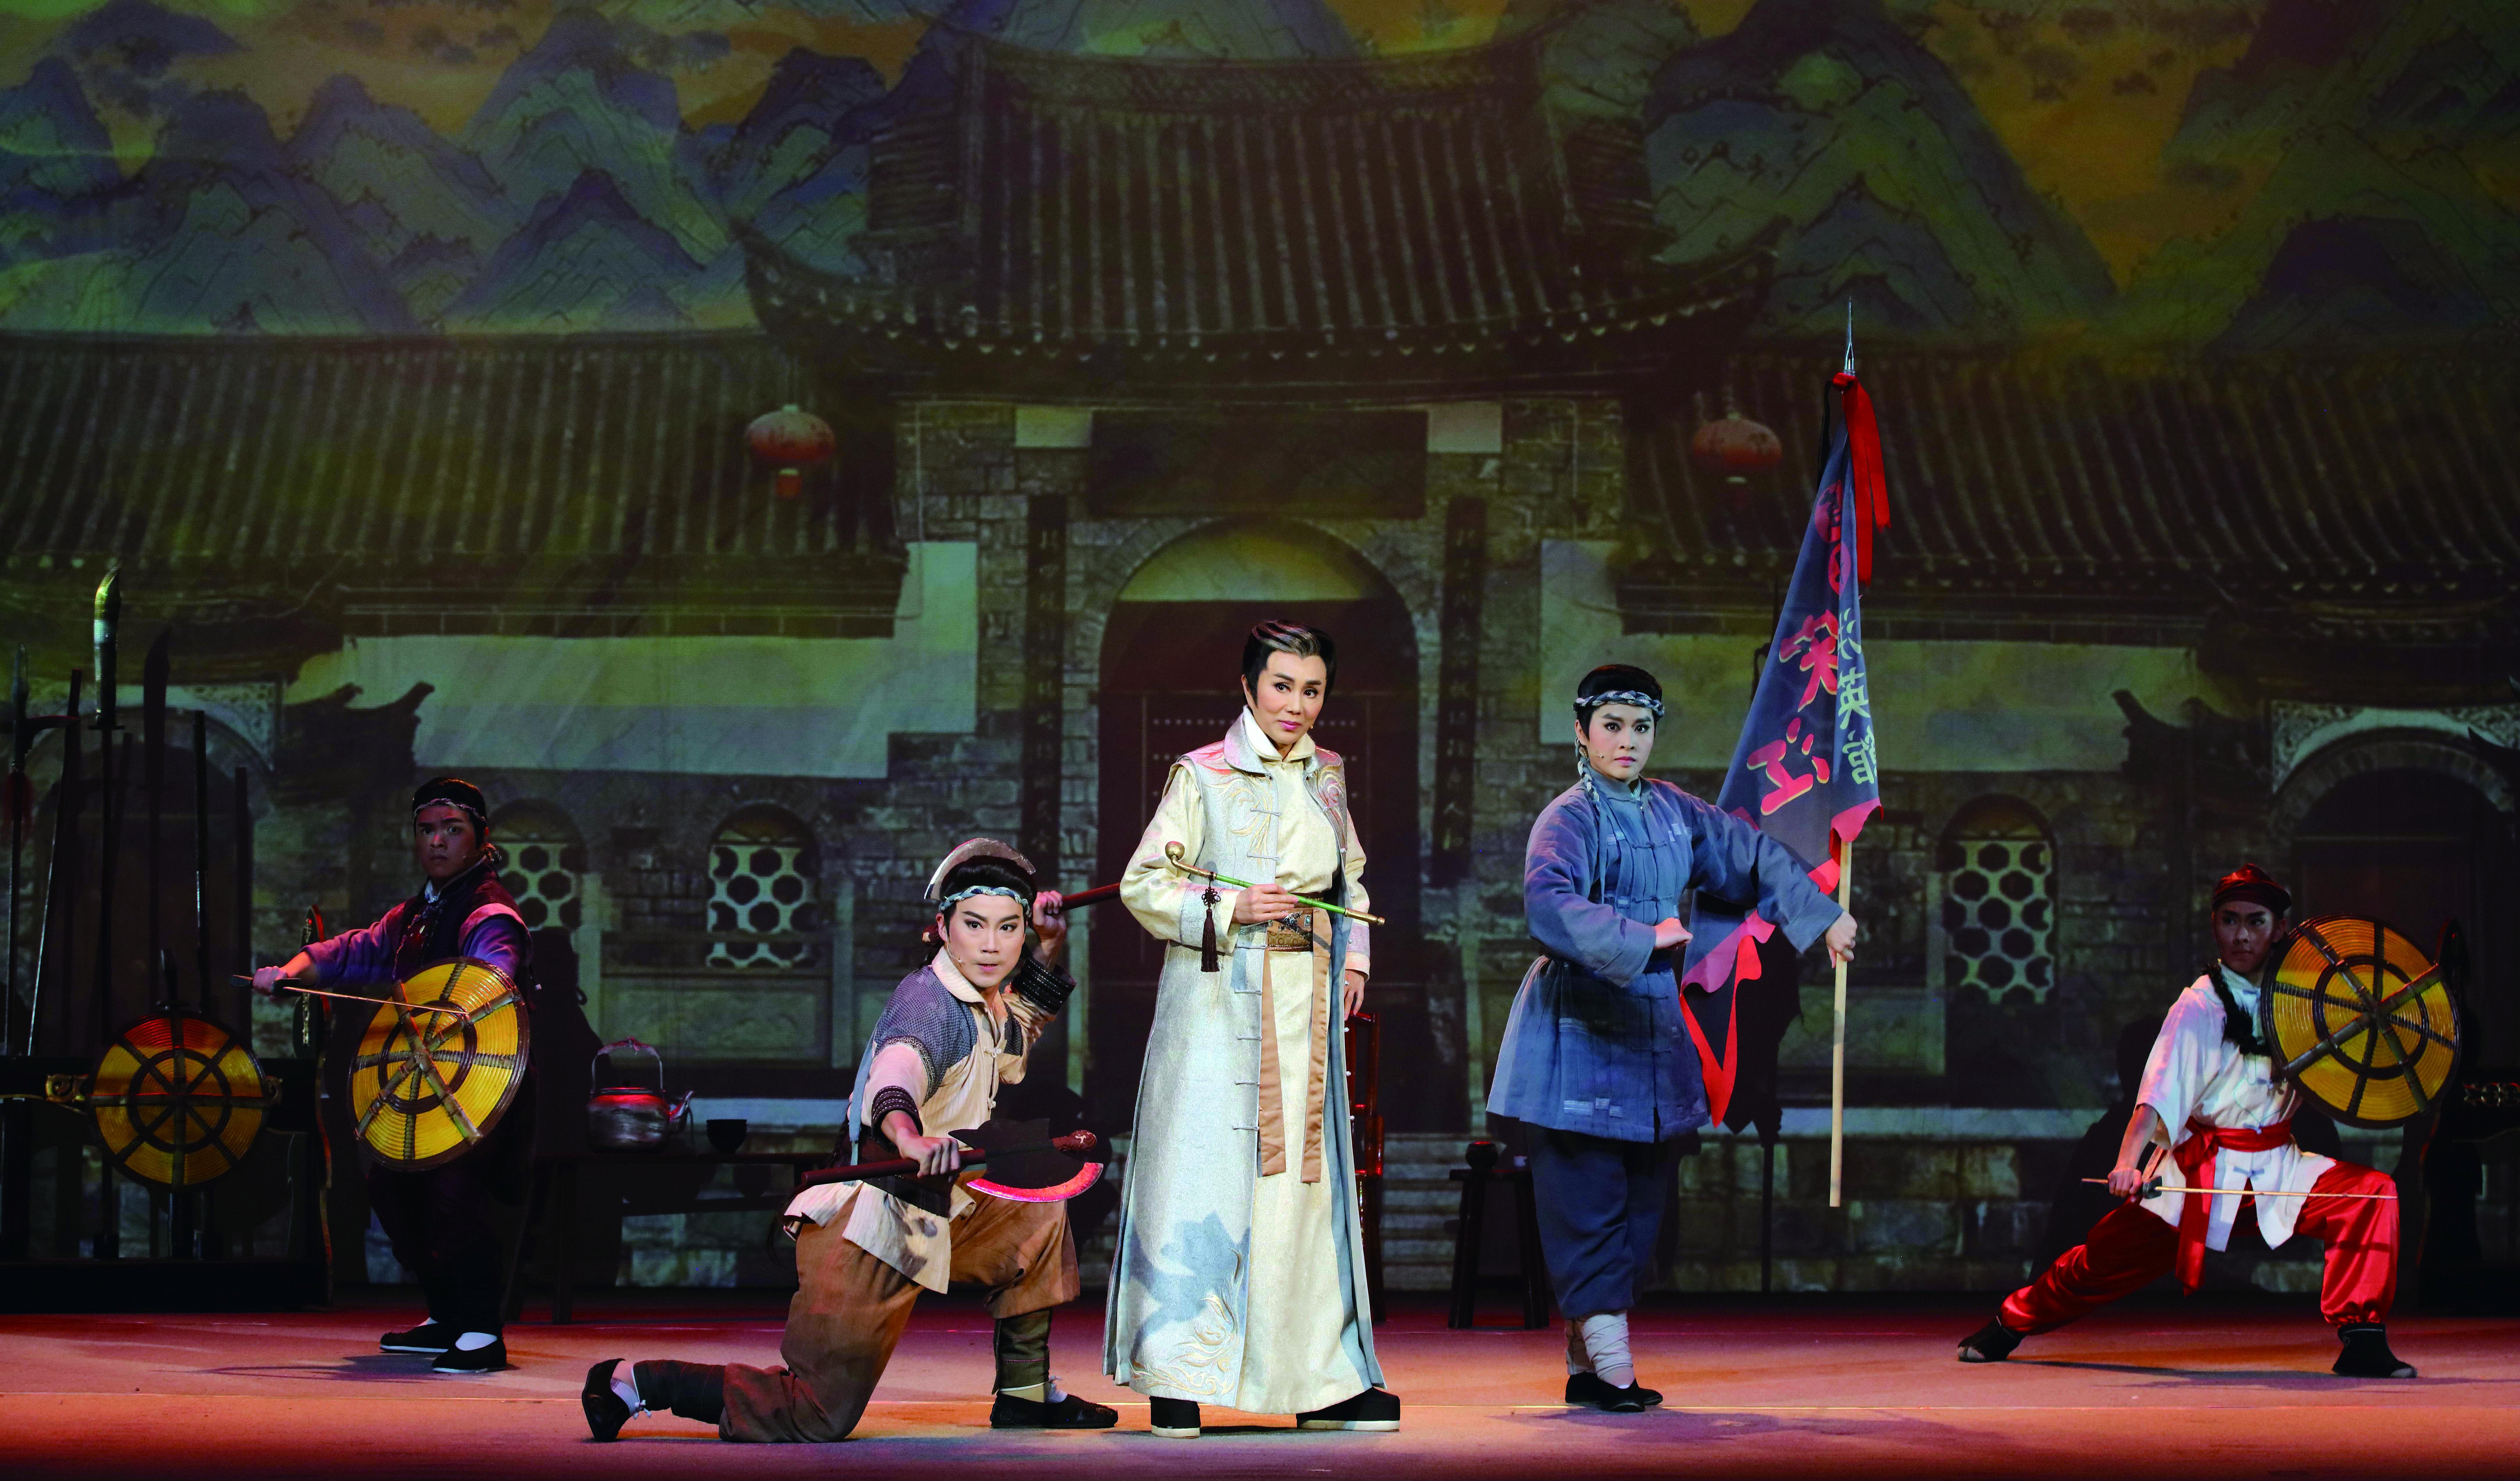 傳統戲曲觀眾仍習慣看孫翠鳳的演出,一時難改此習性。.jpg